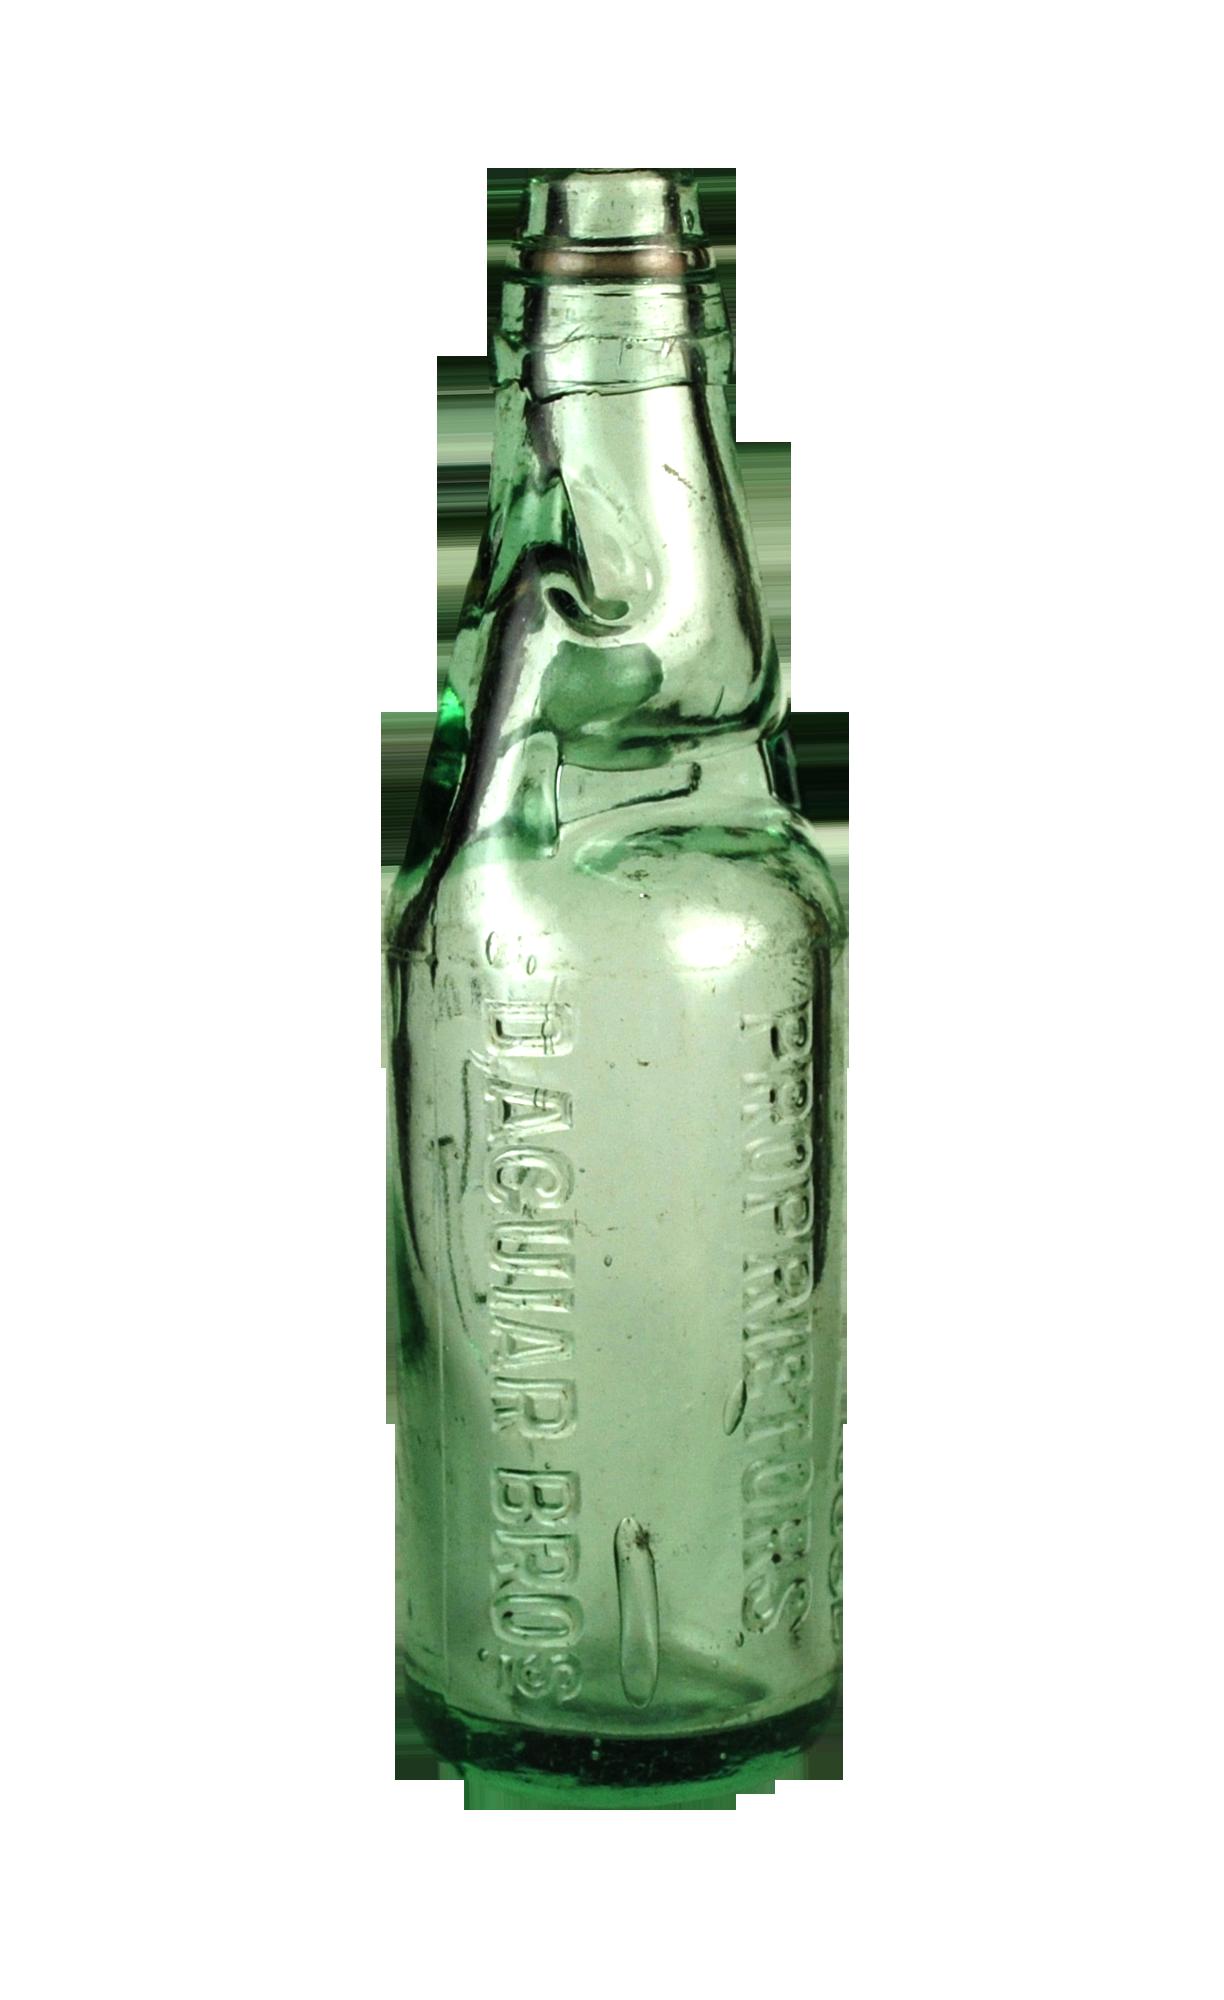 Codd Bottle Png Image Bottle Png Images Image